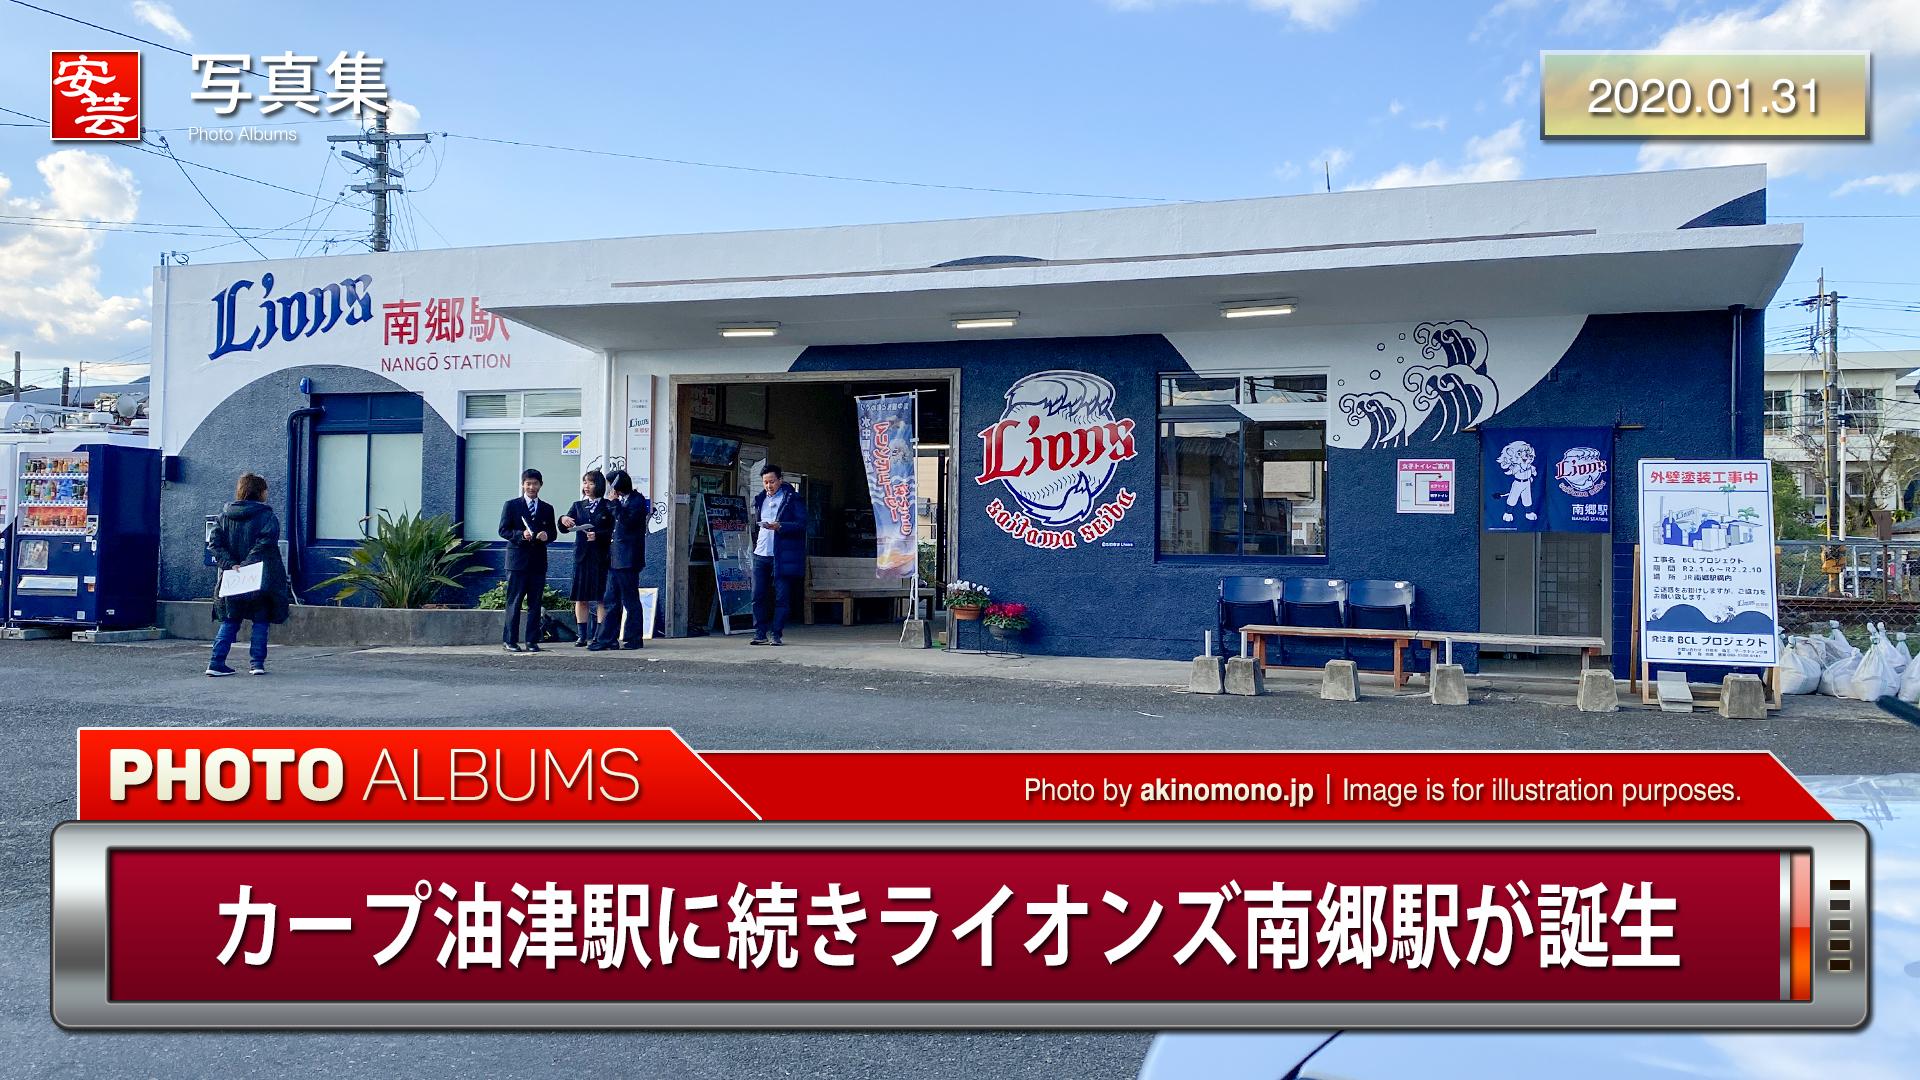 ライオンズ南郷駅